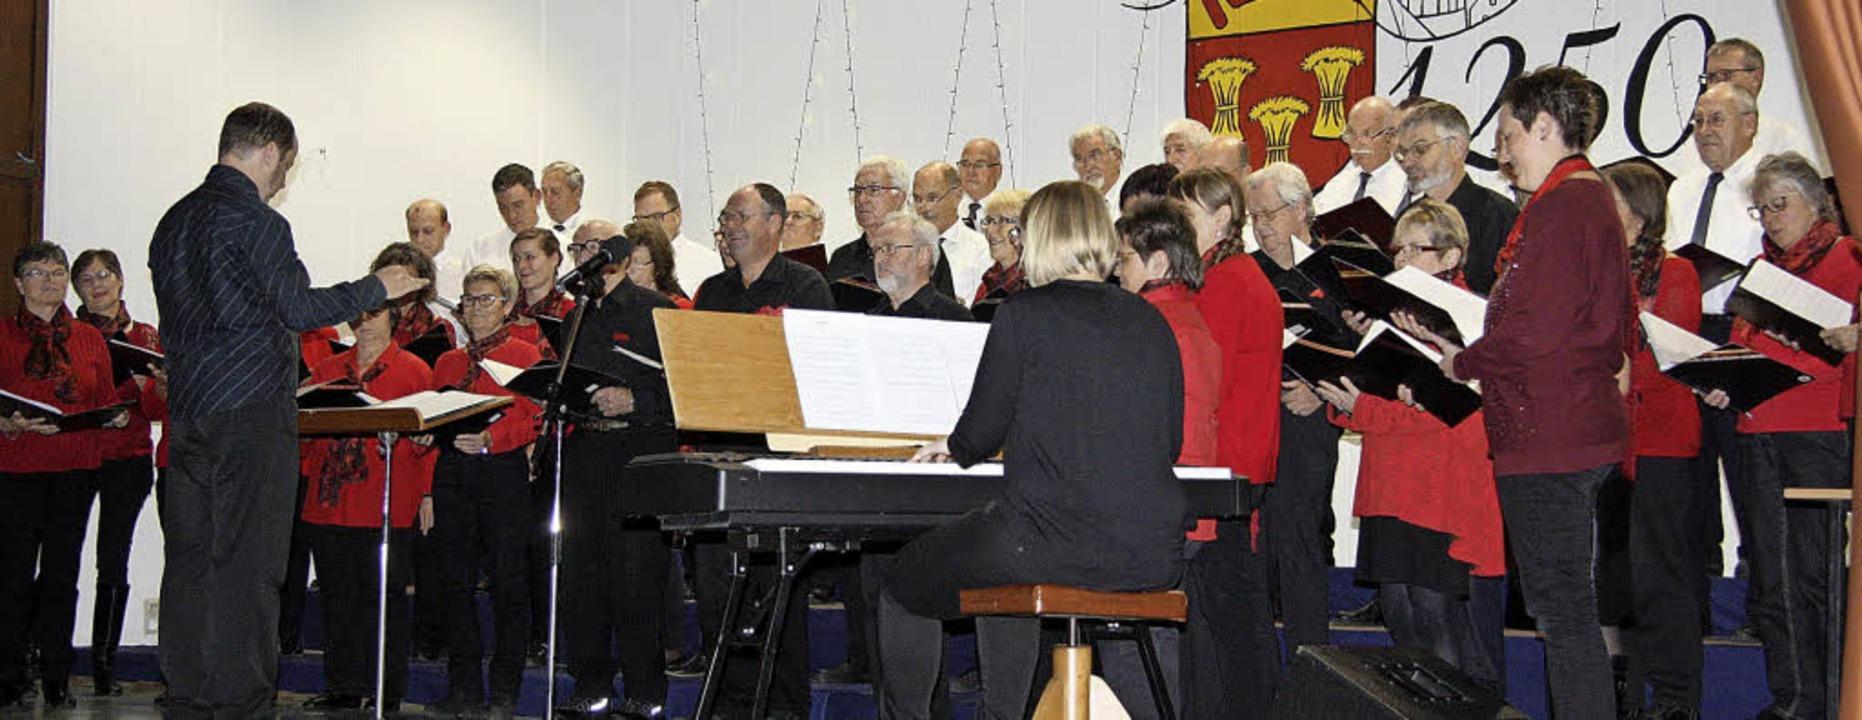 Als Singgemeinschaft bereiteten der ge...alle ihrem Publikum viel Hörvergnügen.    Foto: WalTer Bronner